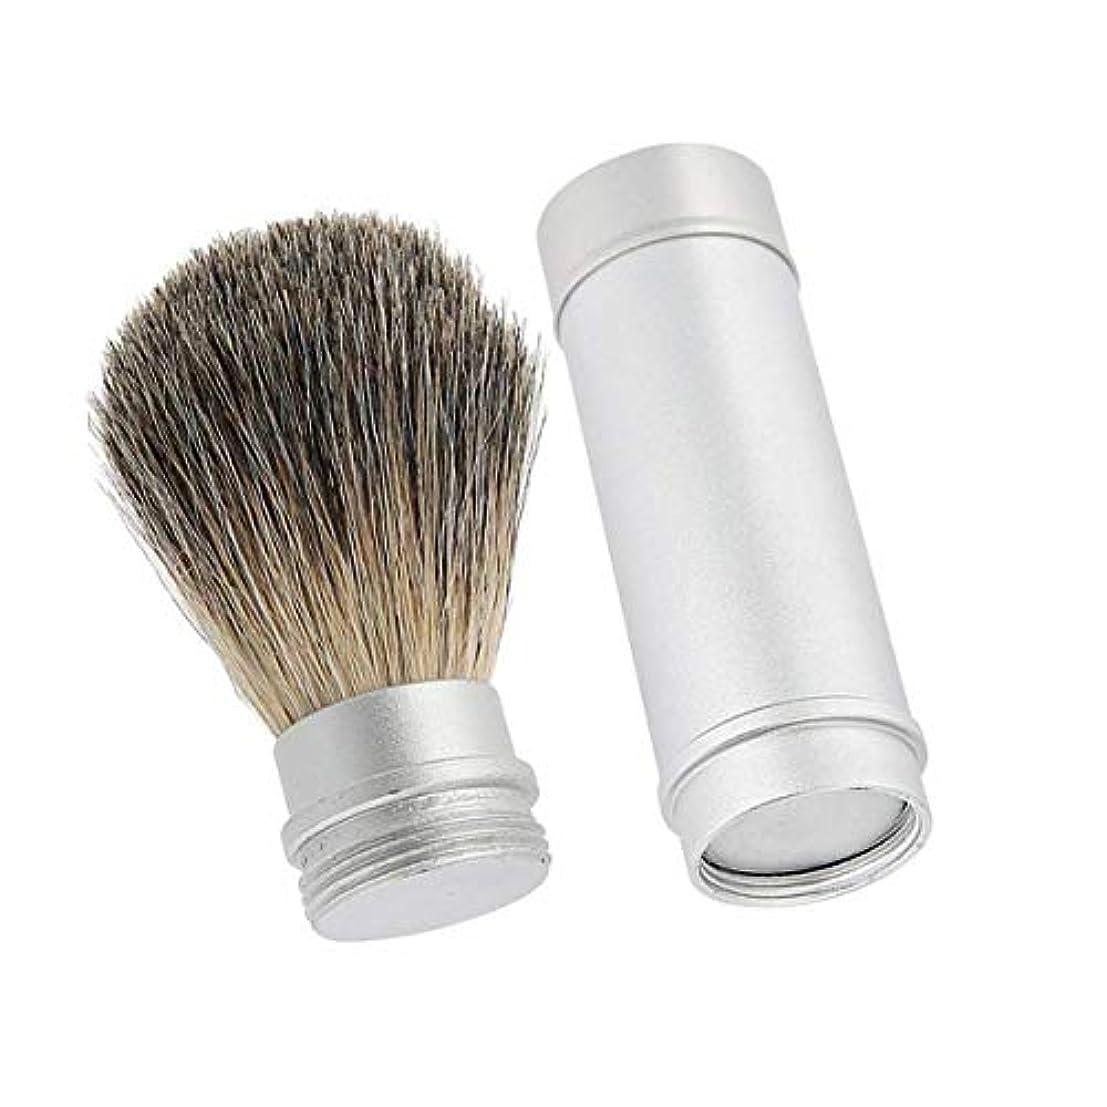 学んだ細菌高い男性用アルミチューブ付き美容髭剃りブラシ理髪クレンジングブラシ